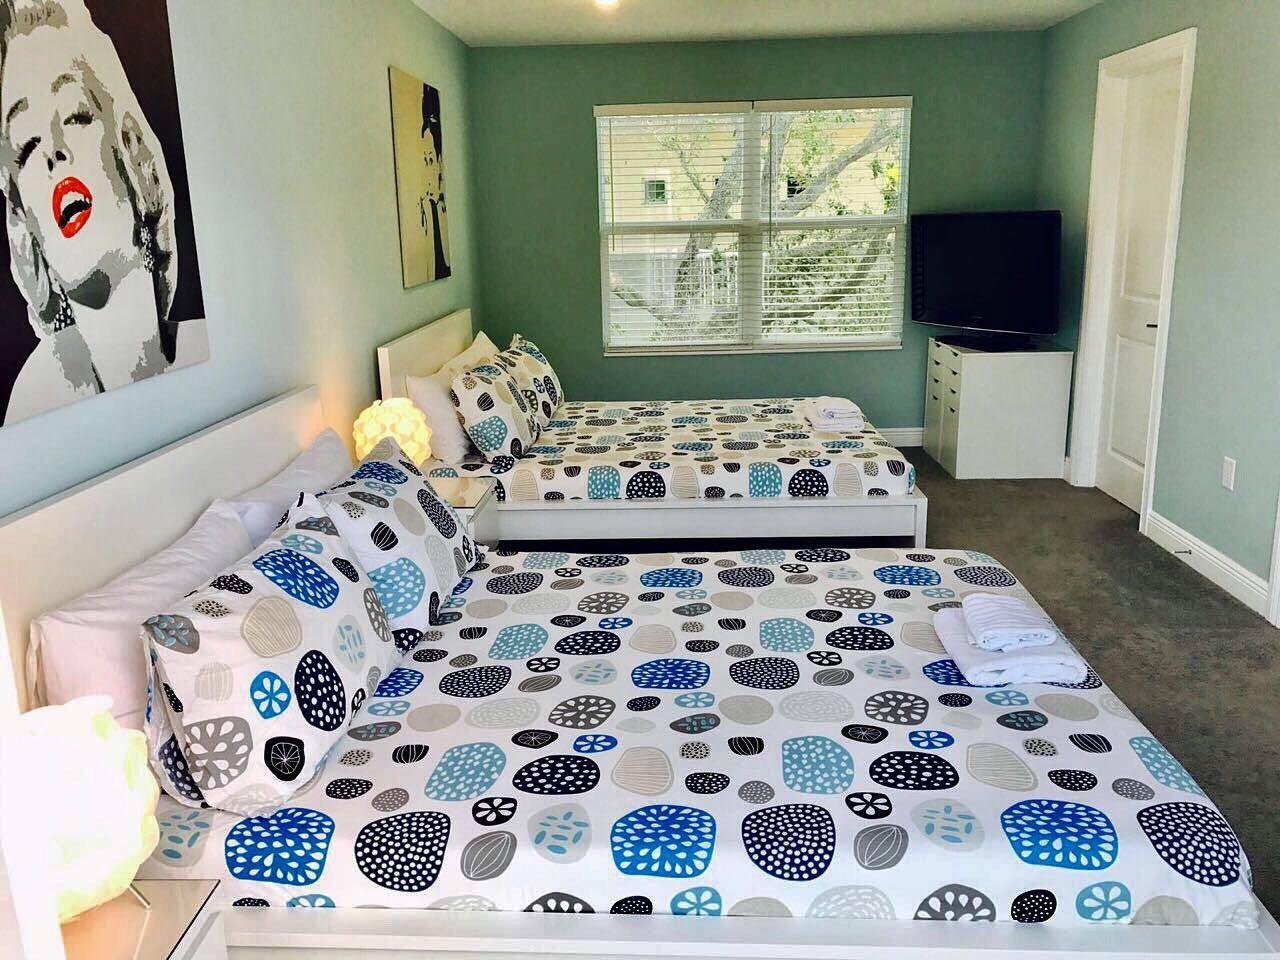 4 Bedroom house steps from Riverwalk FtLauderdale photo 23163187